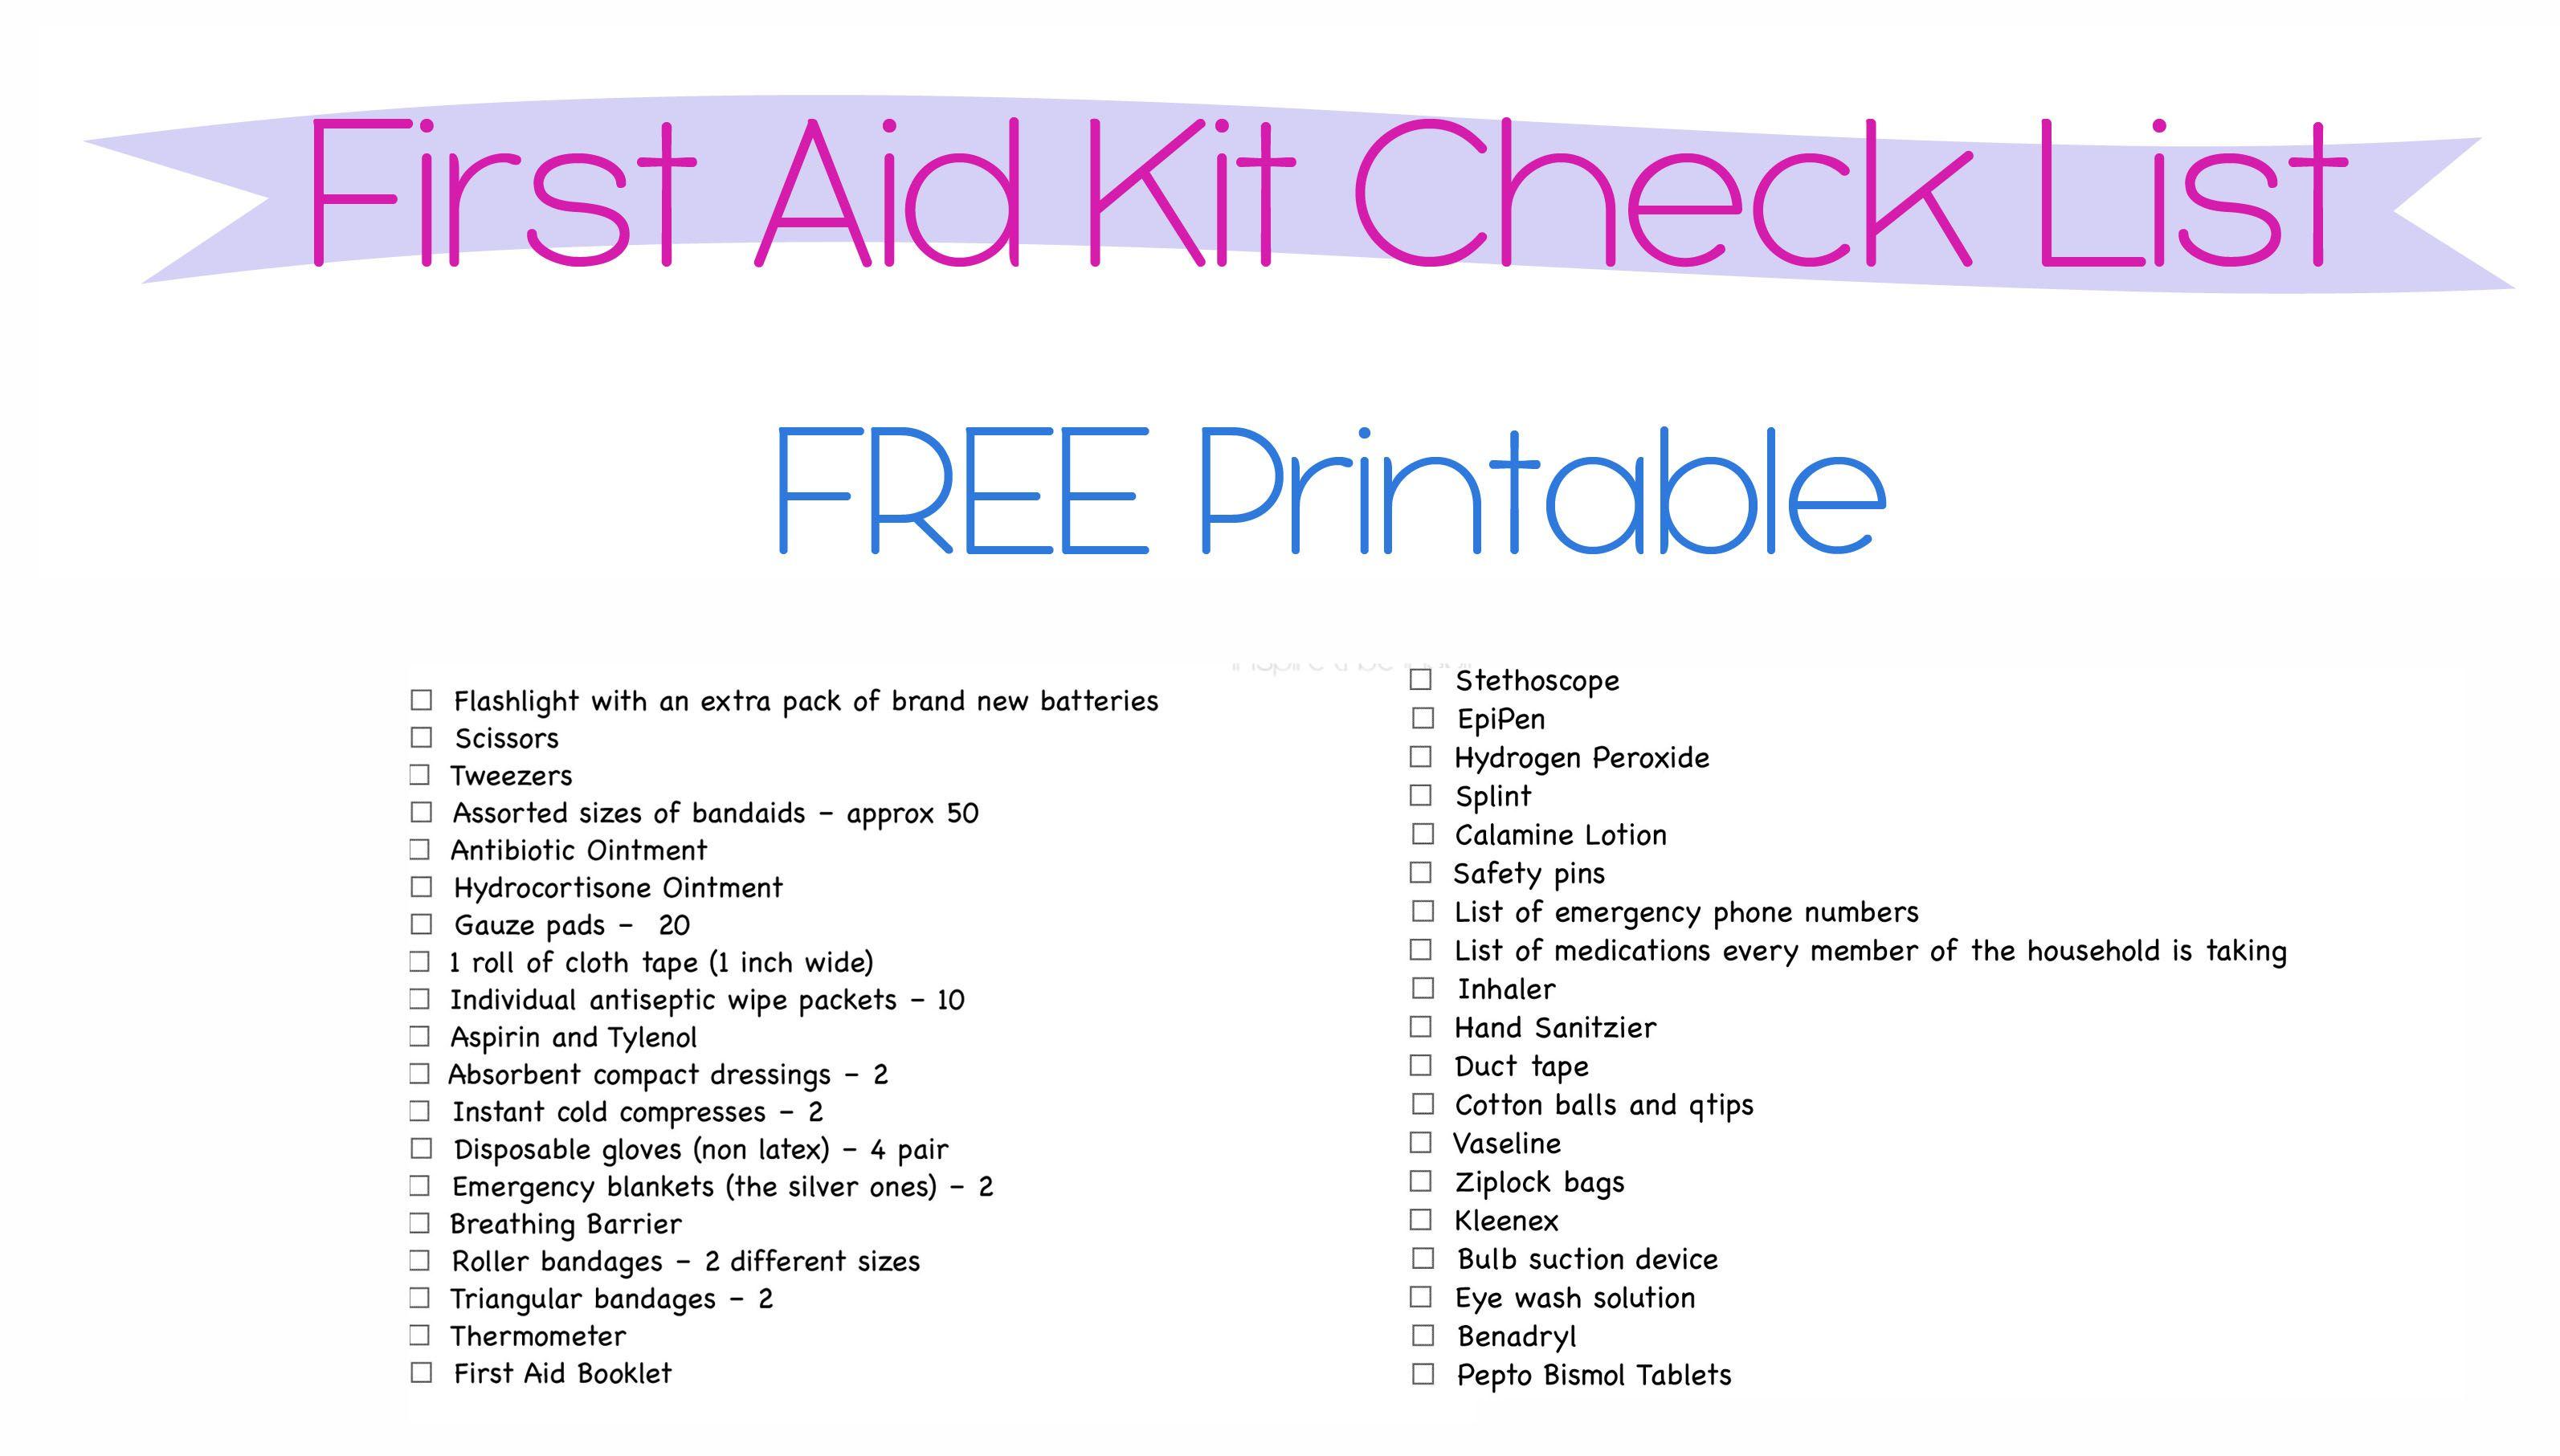 Organization Challenge Day 4 First Aid First Aid Kit Checklist Checklist